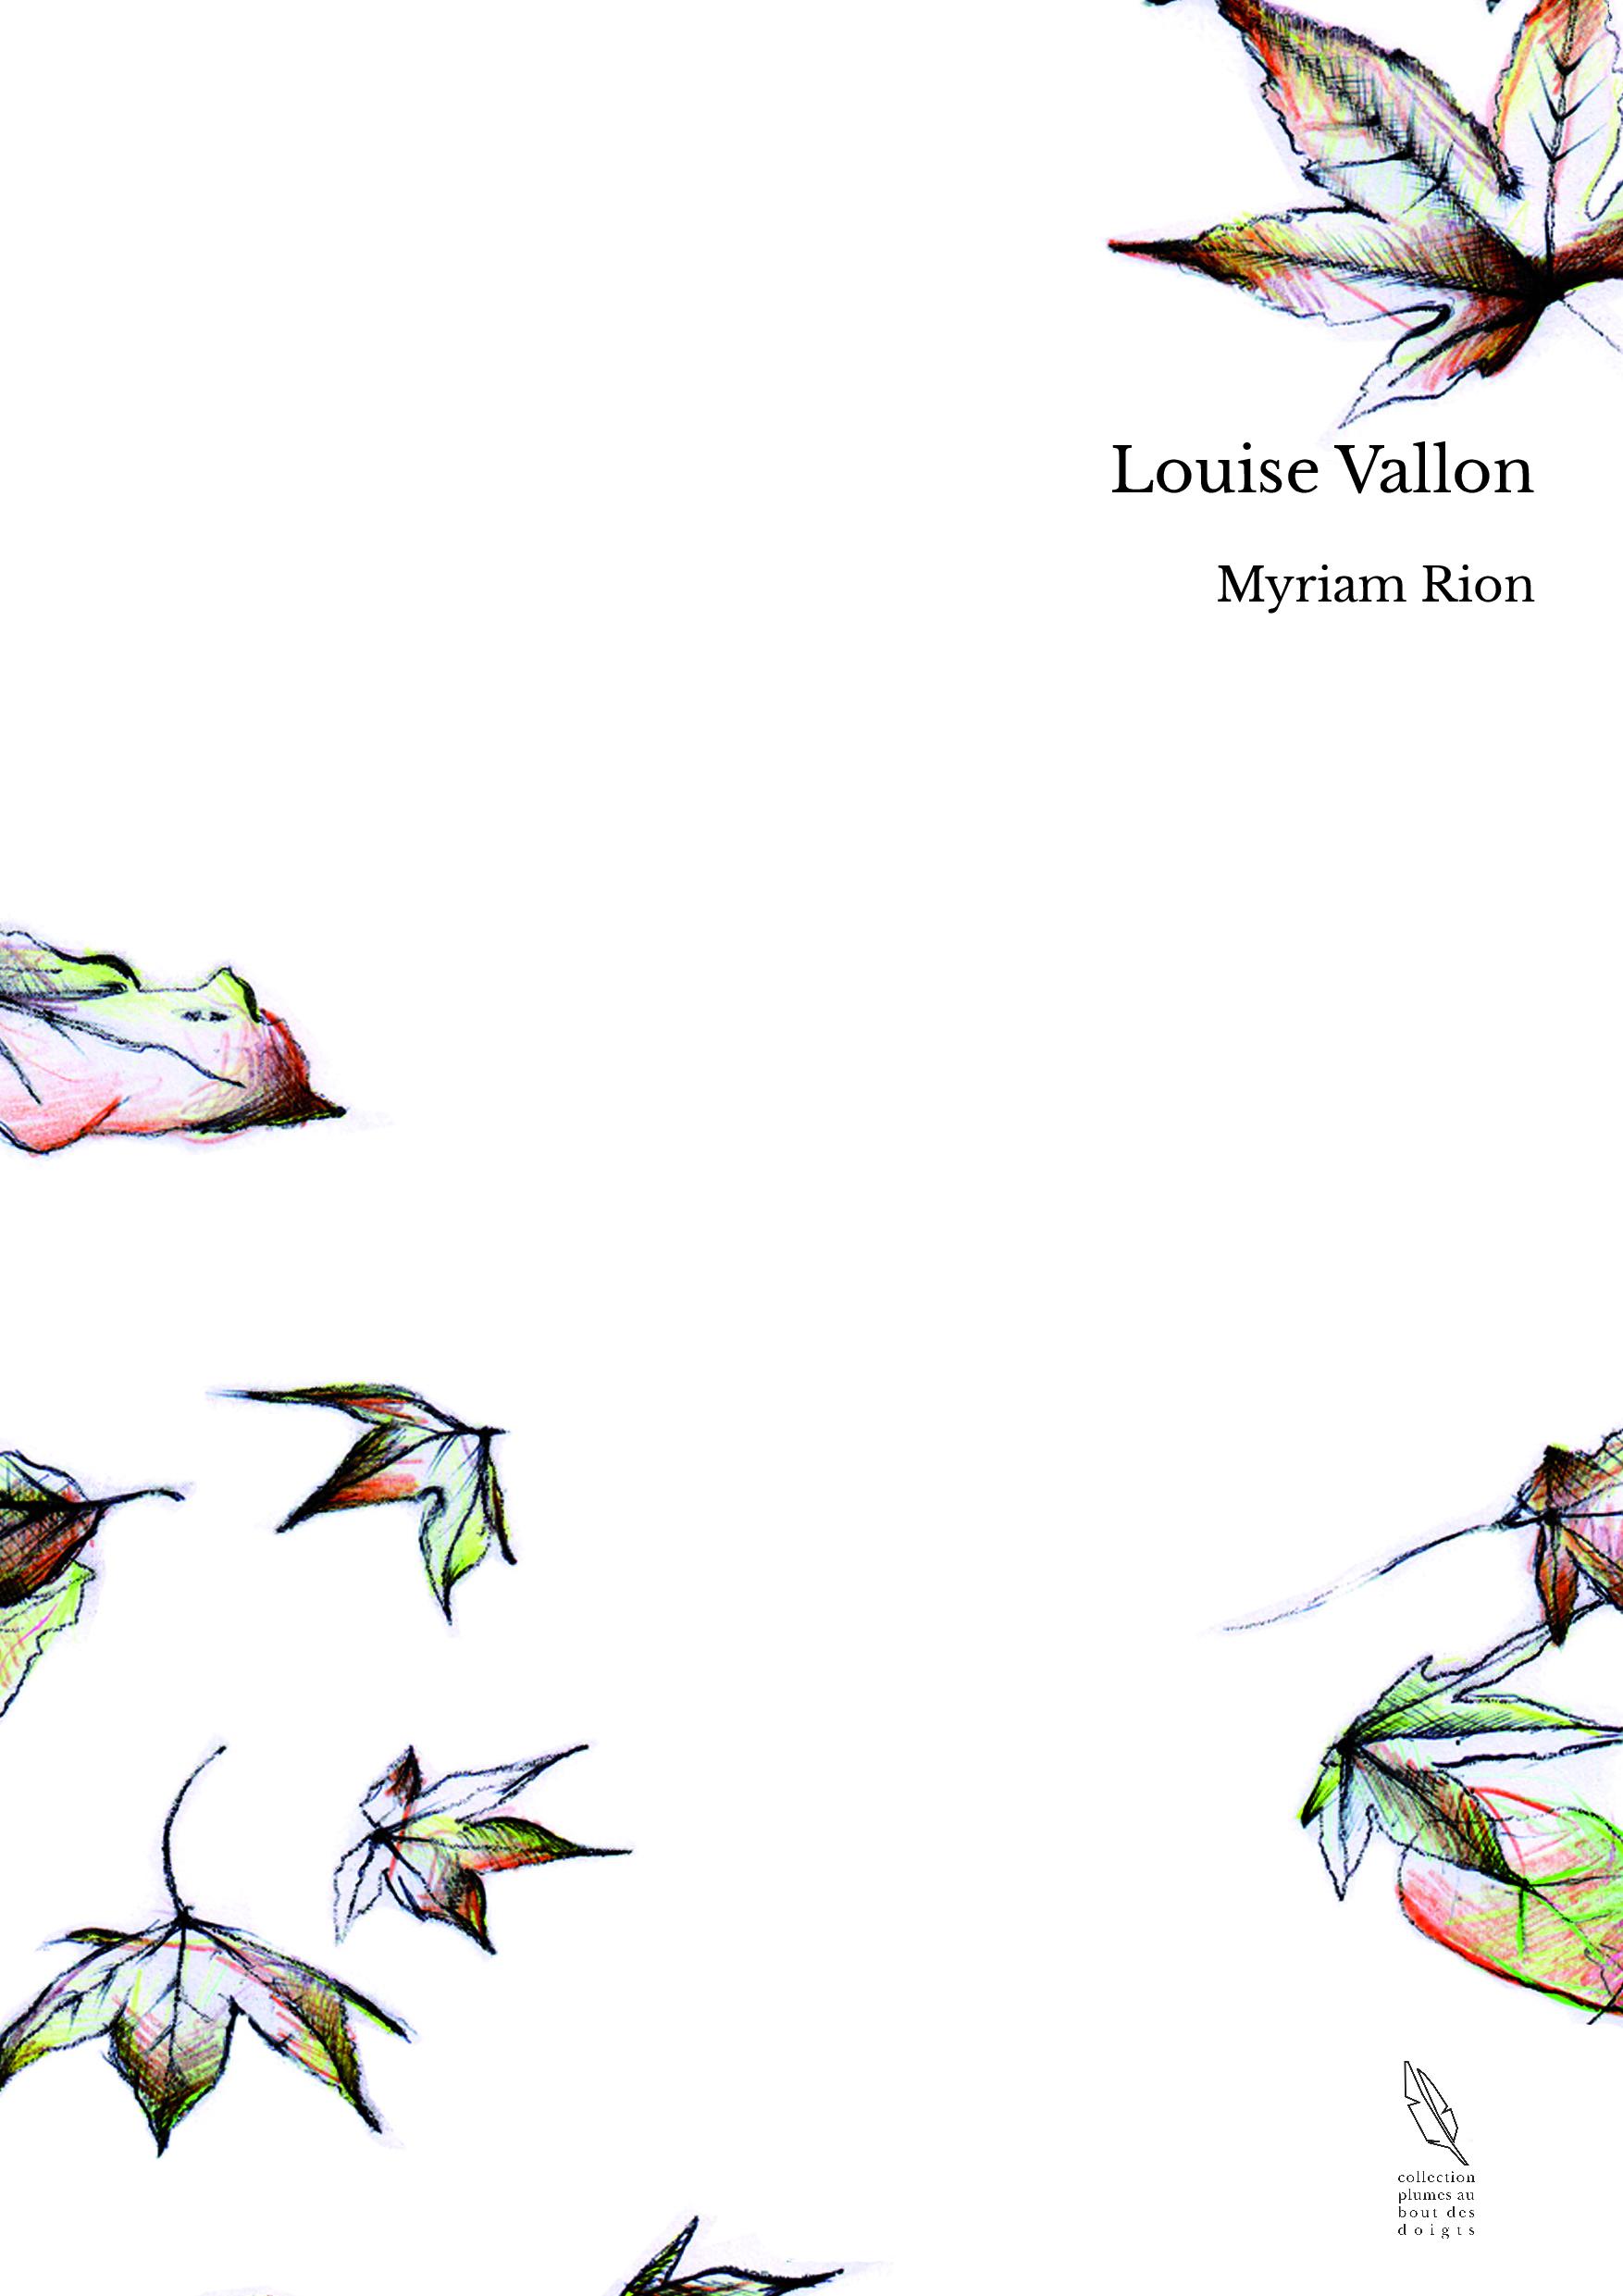 Louise Vallon